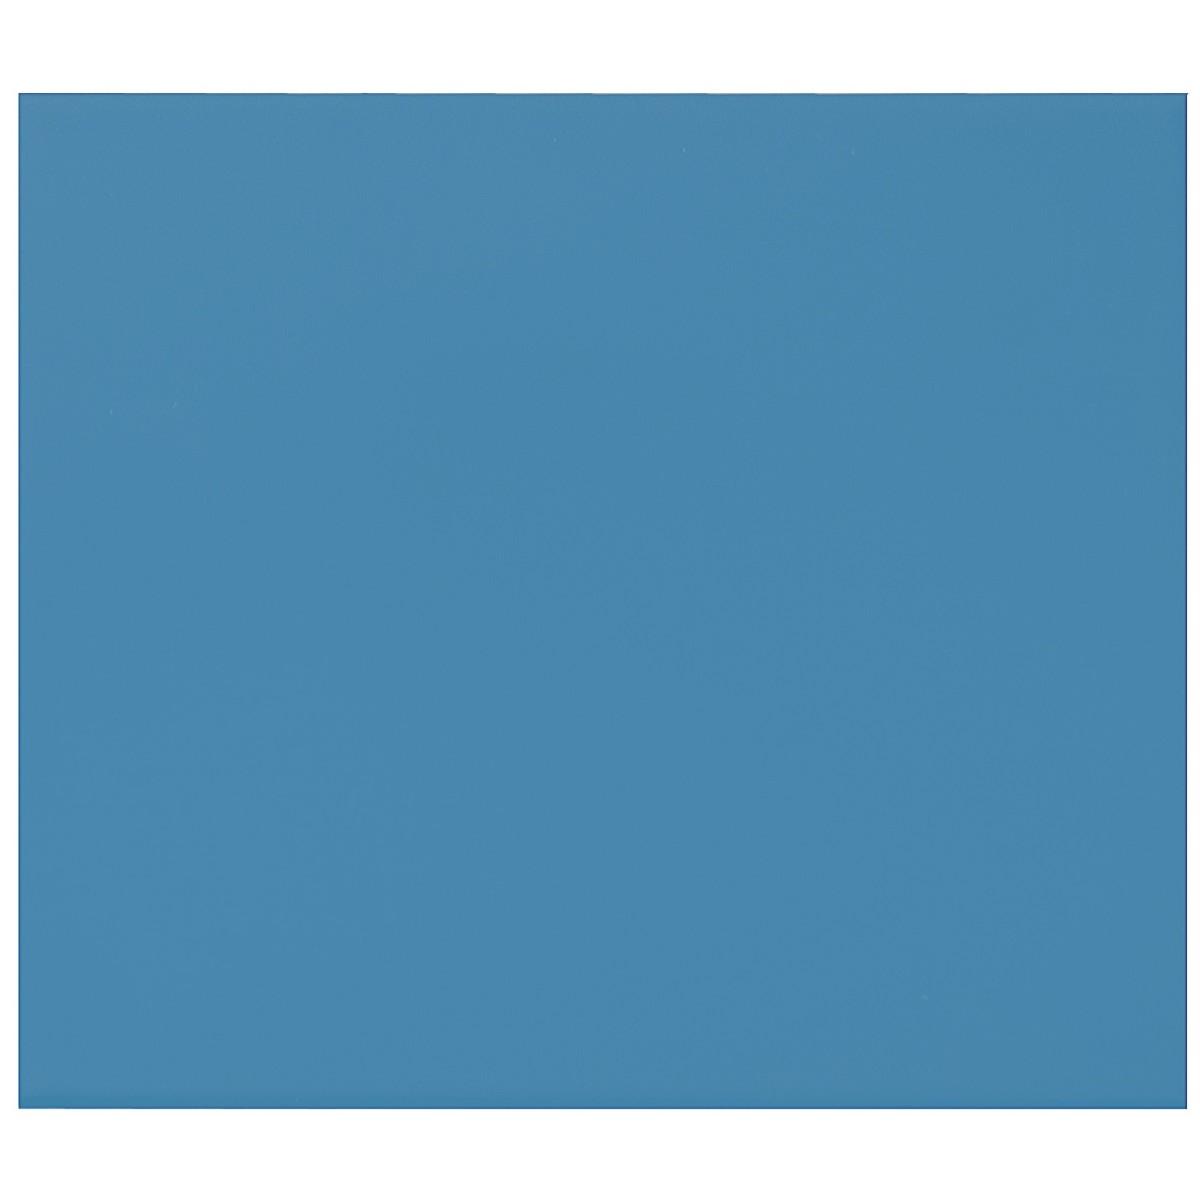 Плитка наcтенная Теруэль 2 20х20 см 1.04 м2 цвет голубой